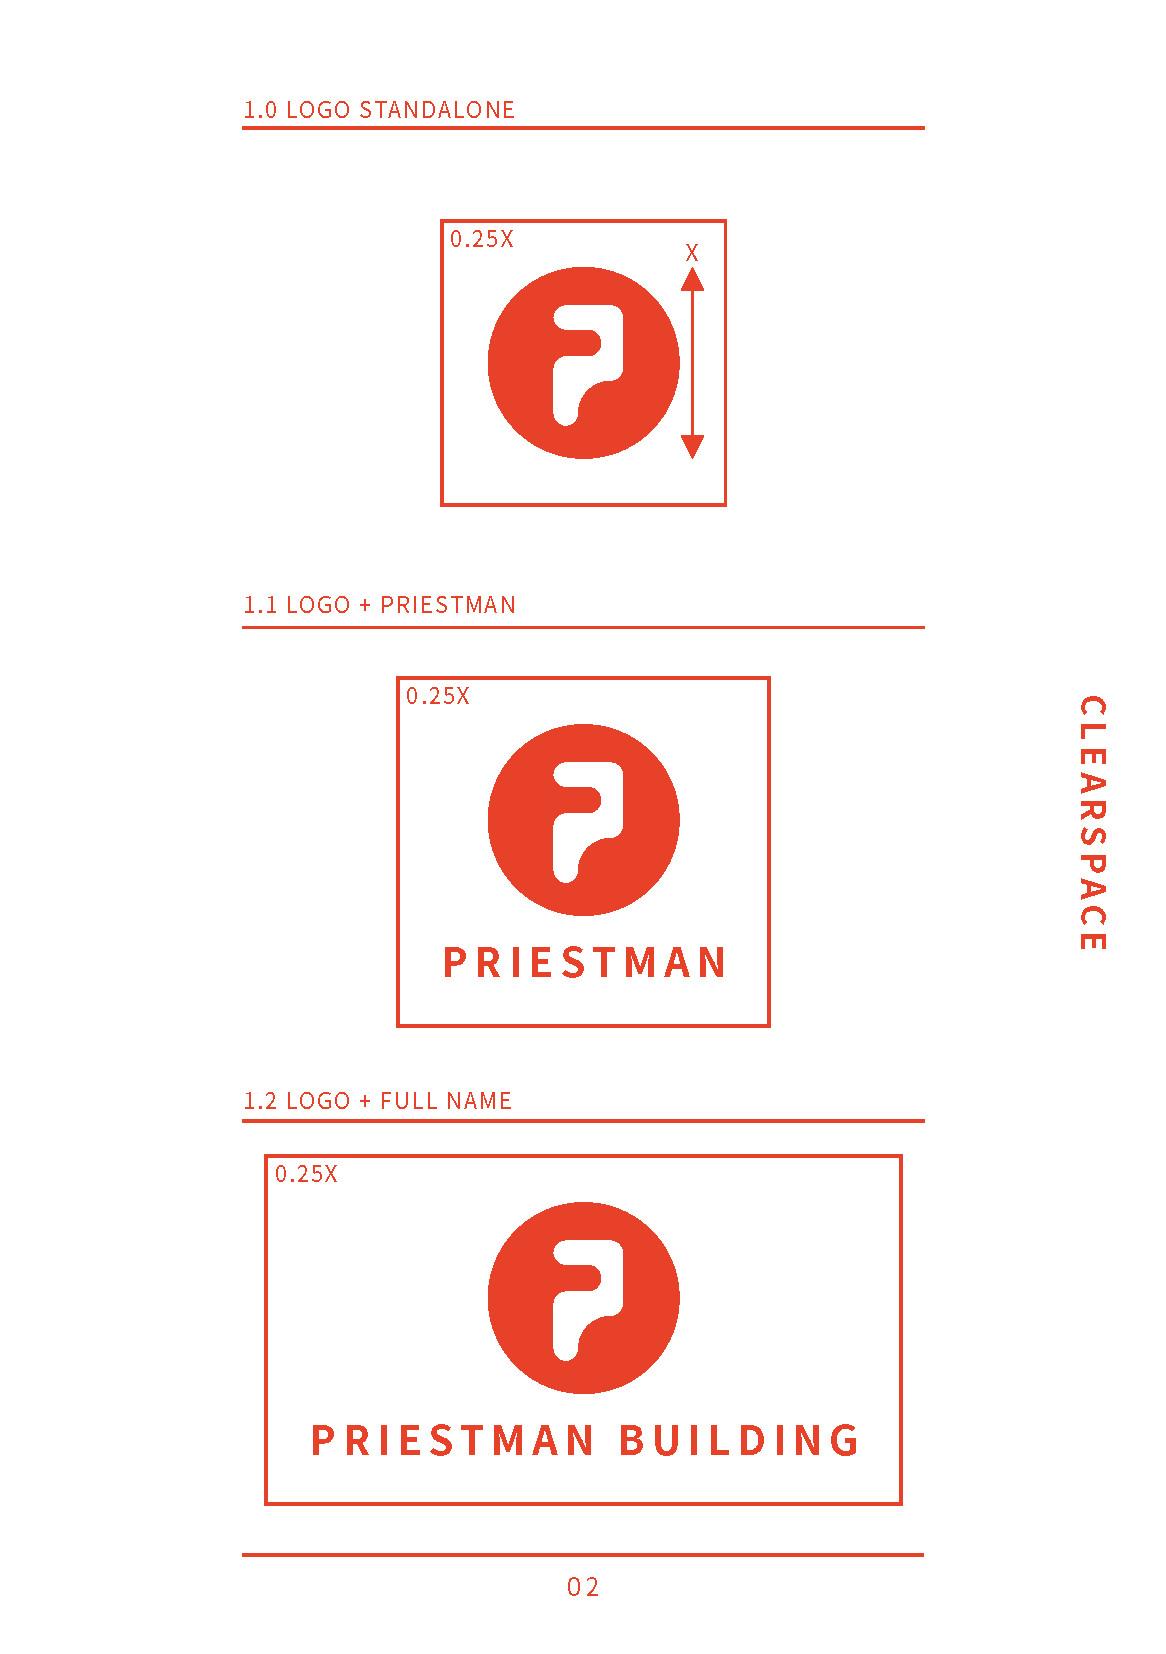 Mathew maddison priestman identity handbook page 05